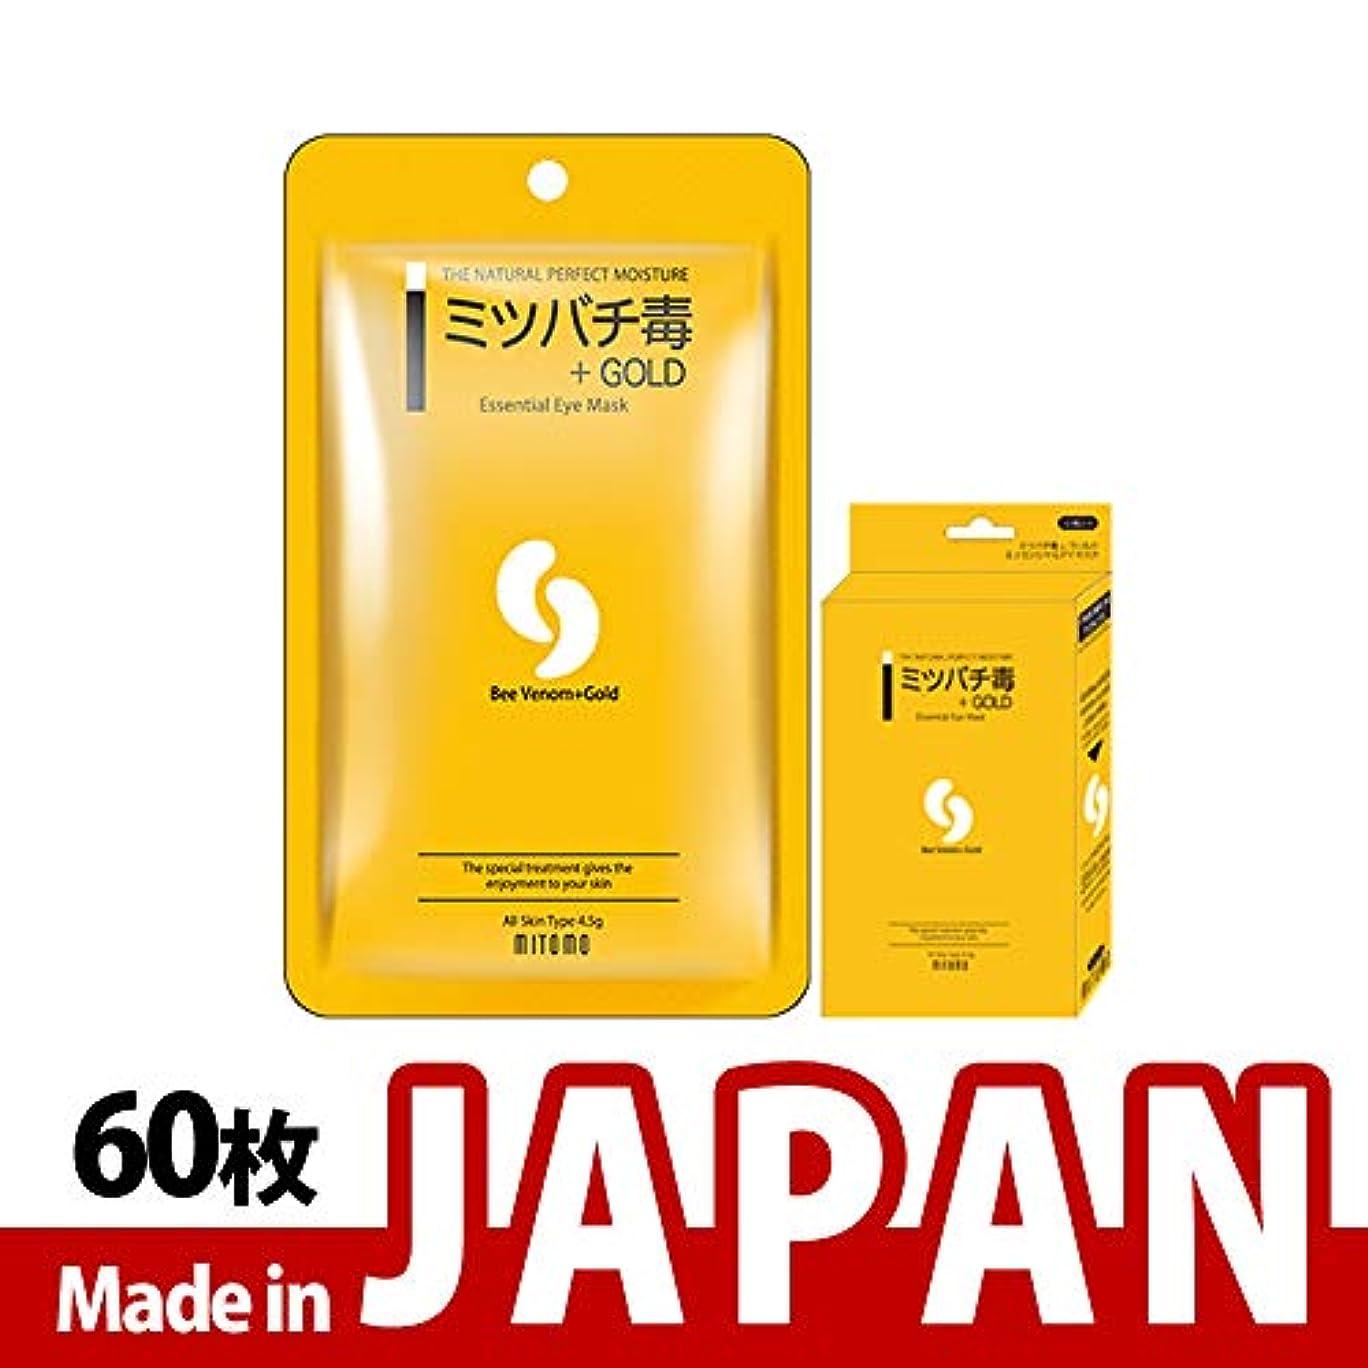 上向き特殊ビザMITOMO【MC002-A-0】日本製ミツバチ毒+ゴールド エッセンシャルアイマスク 10枚入り/60枚/美容液/マスクパック/送料無料